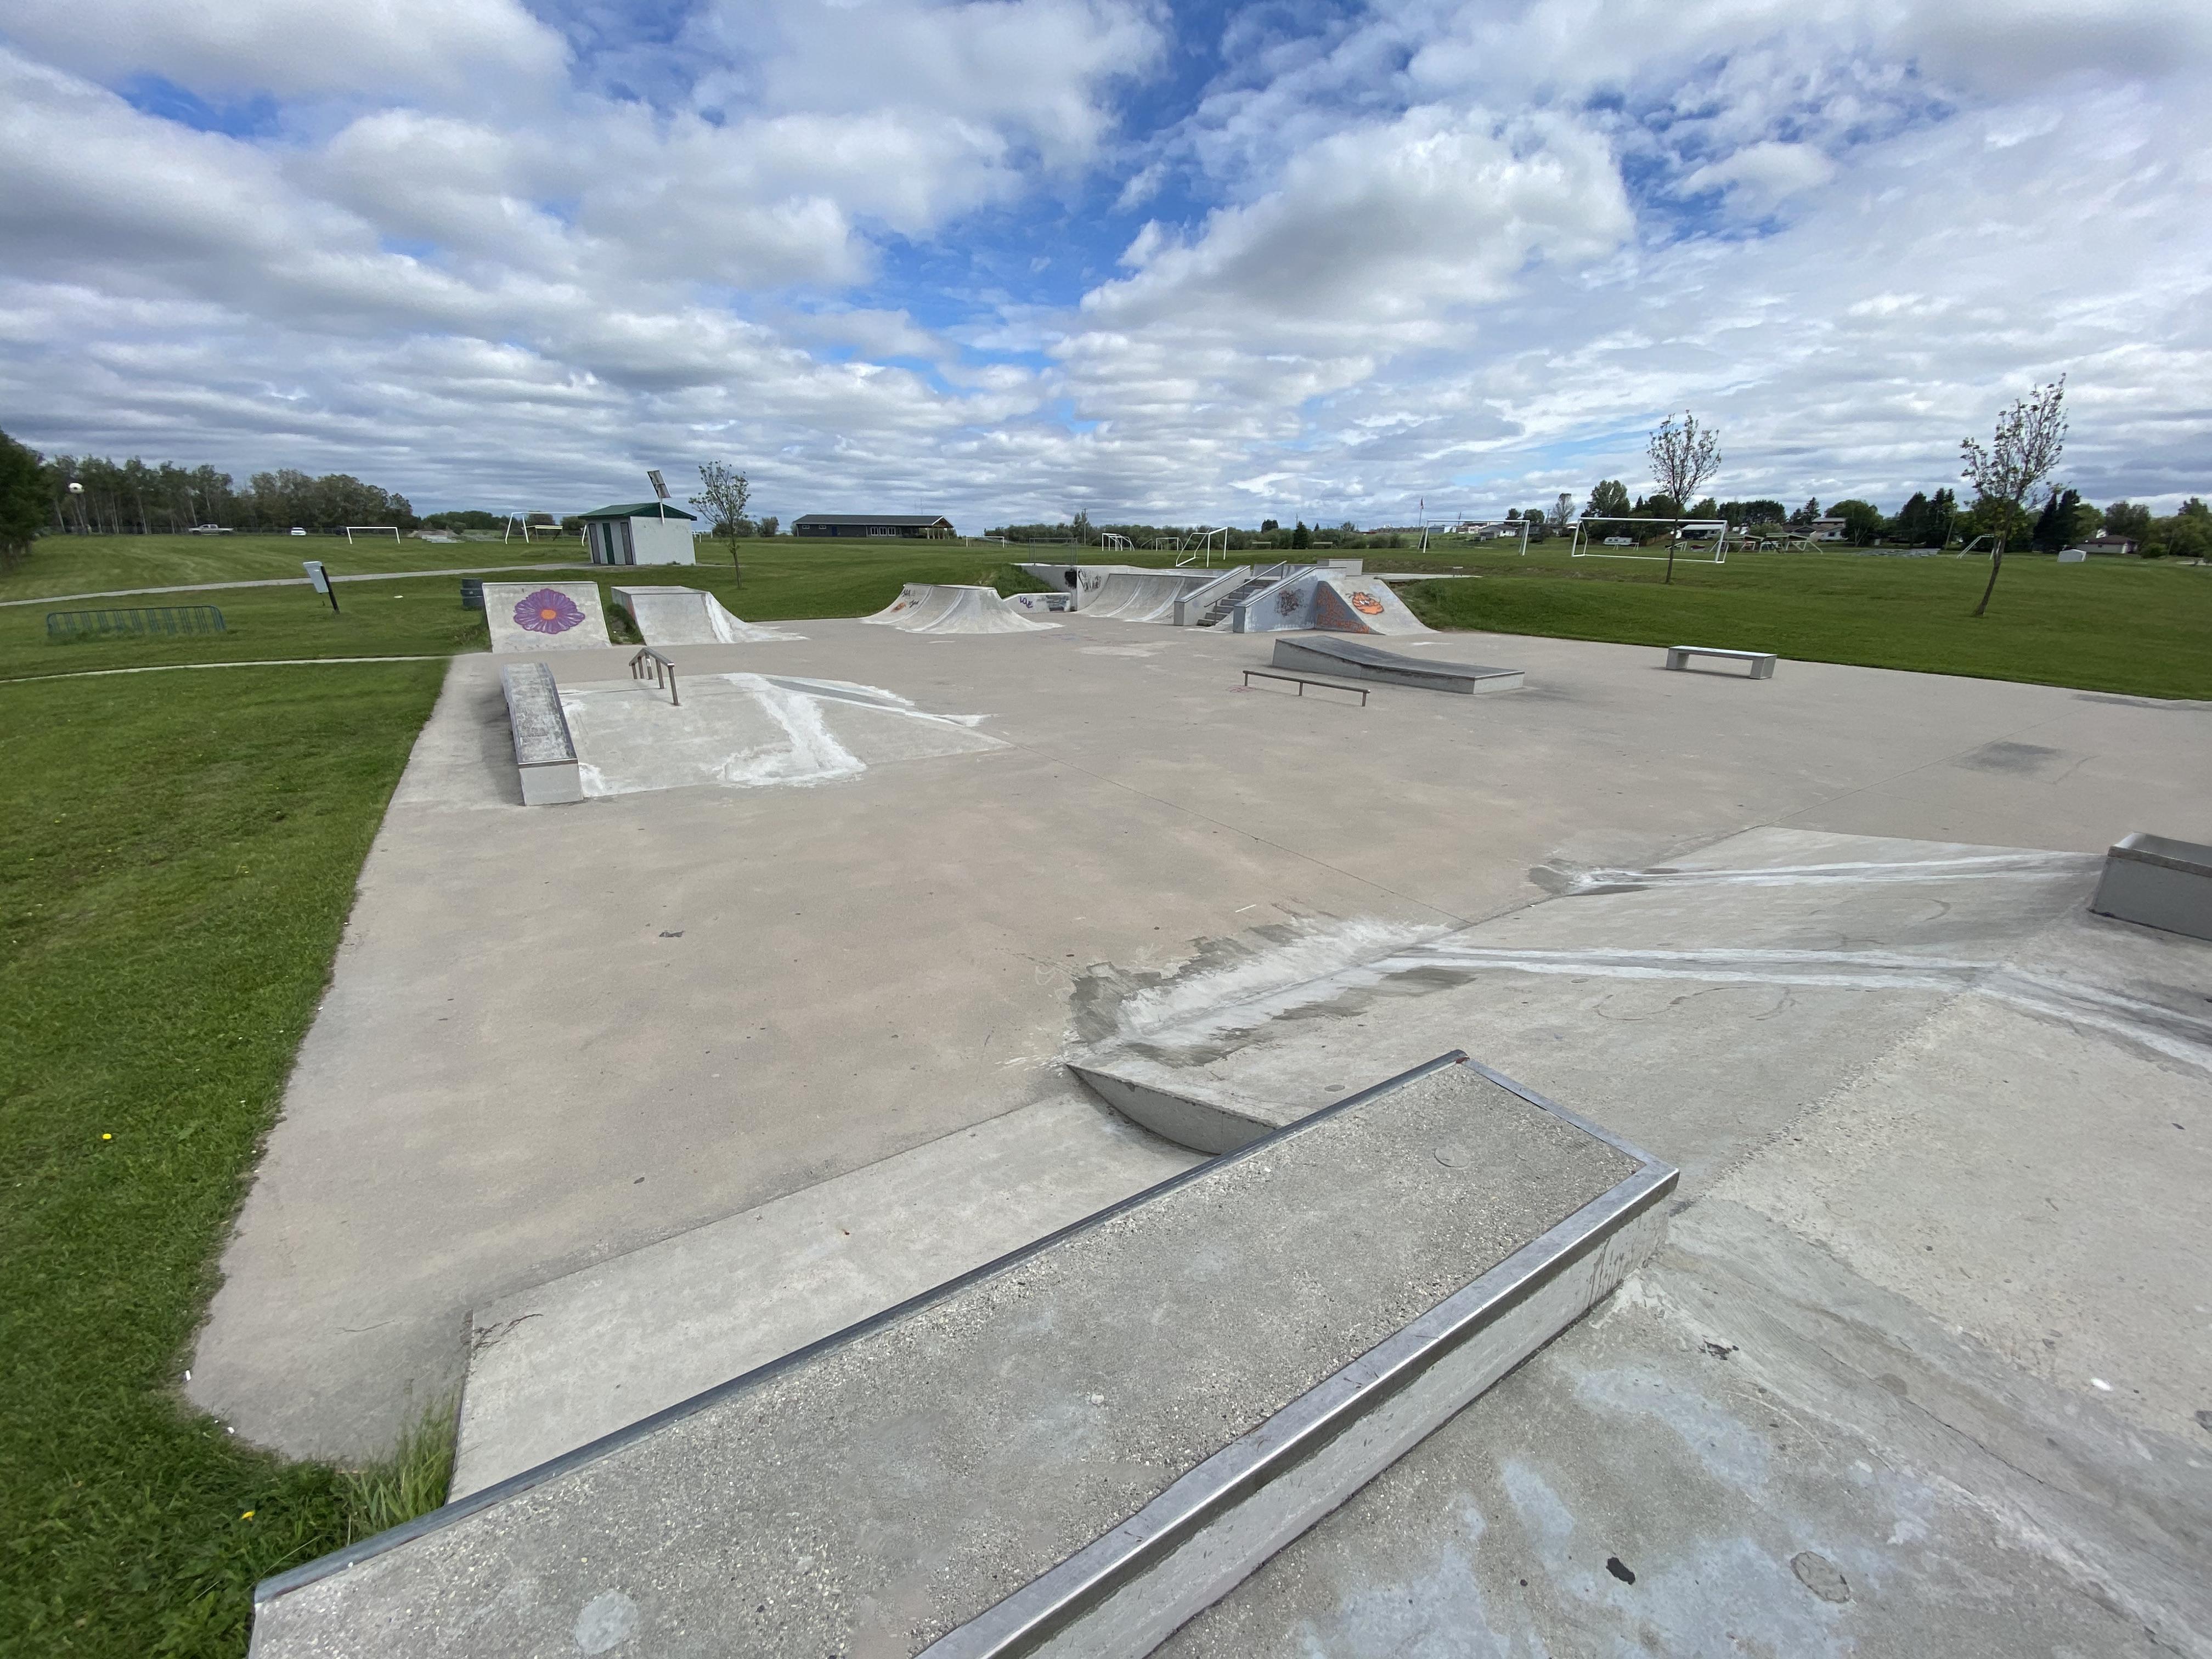 Dryden skatepark